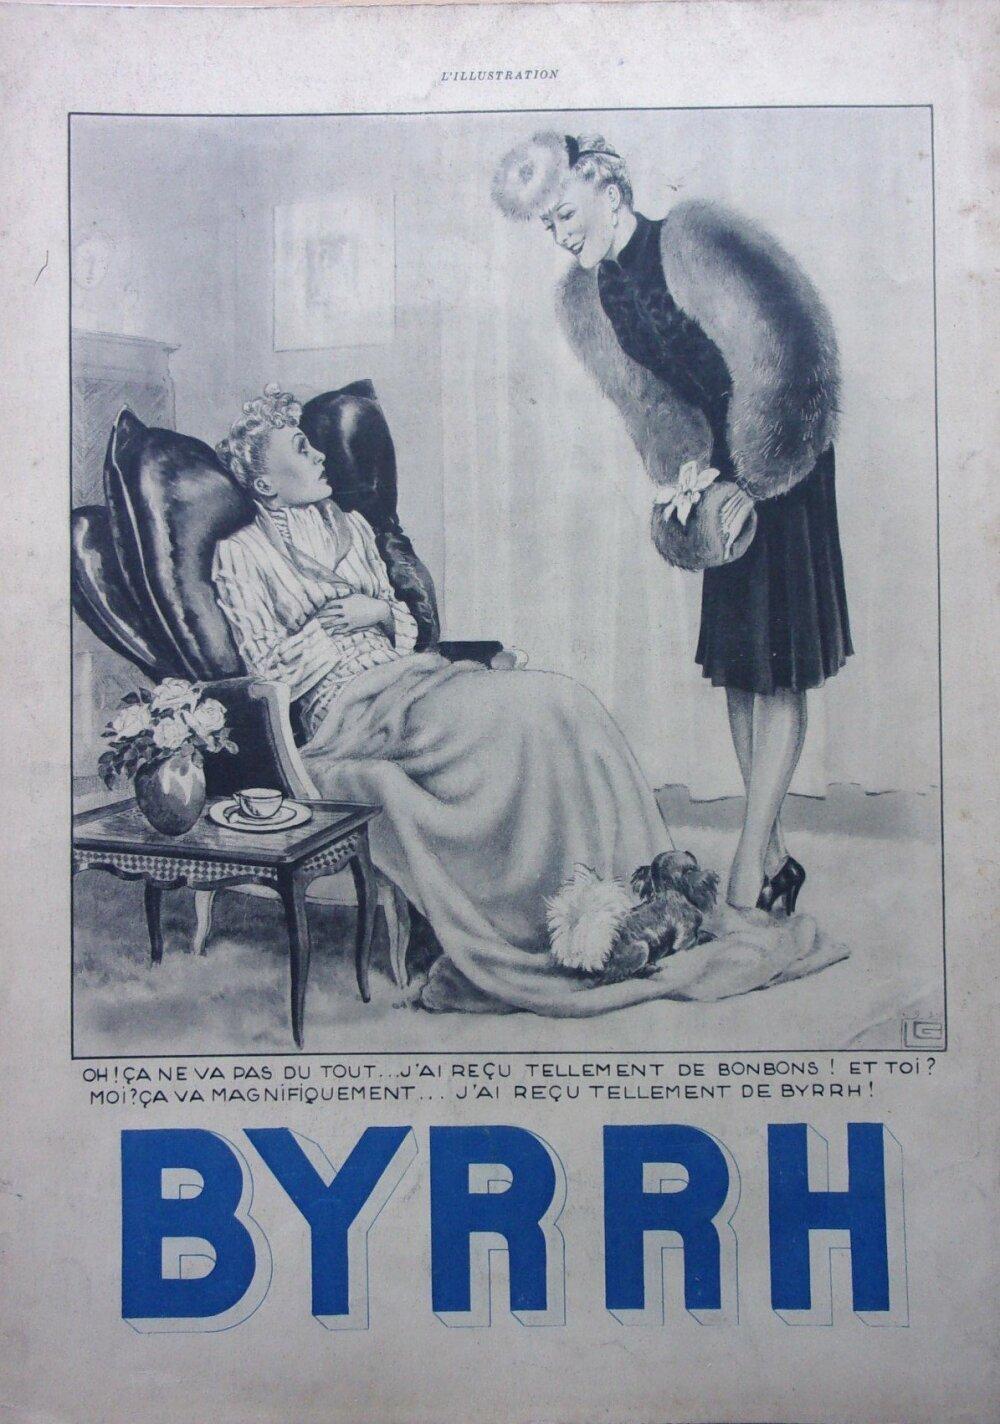 byrrh/page de publicité/advertising/1939  ref. 59980